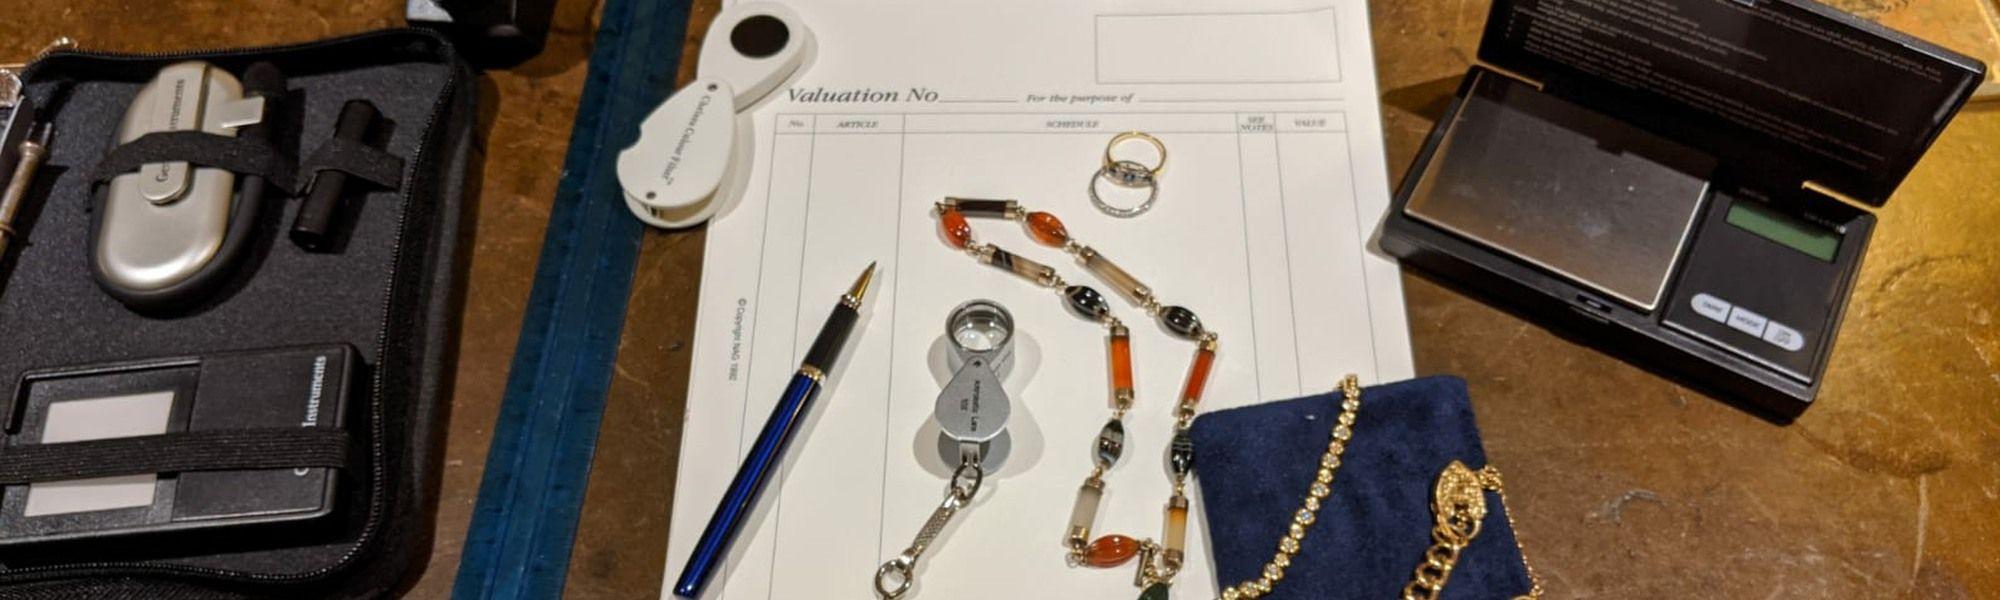 aa thornton jewellery insurance valuations